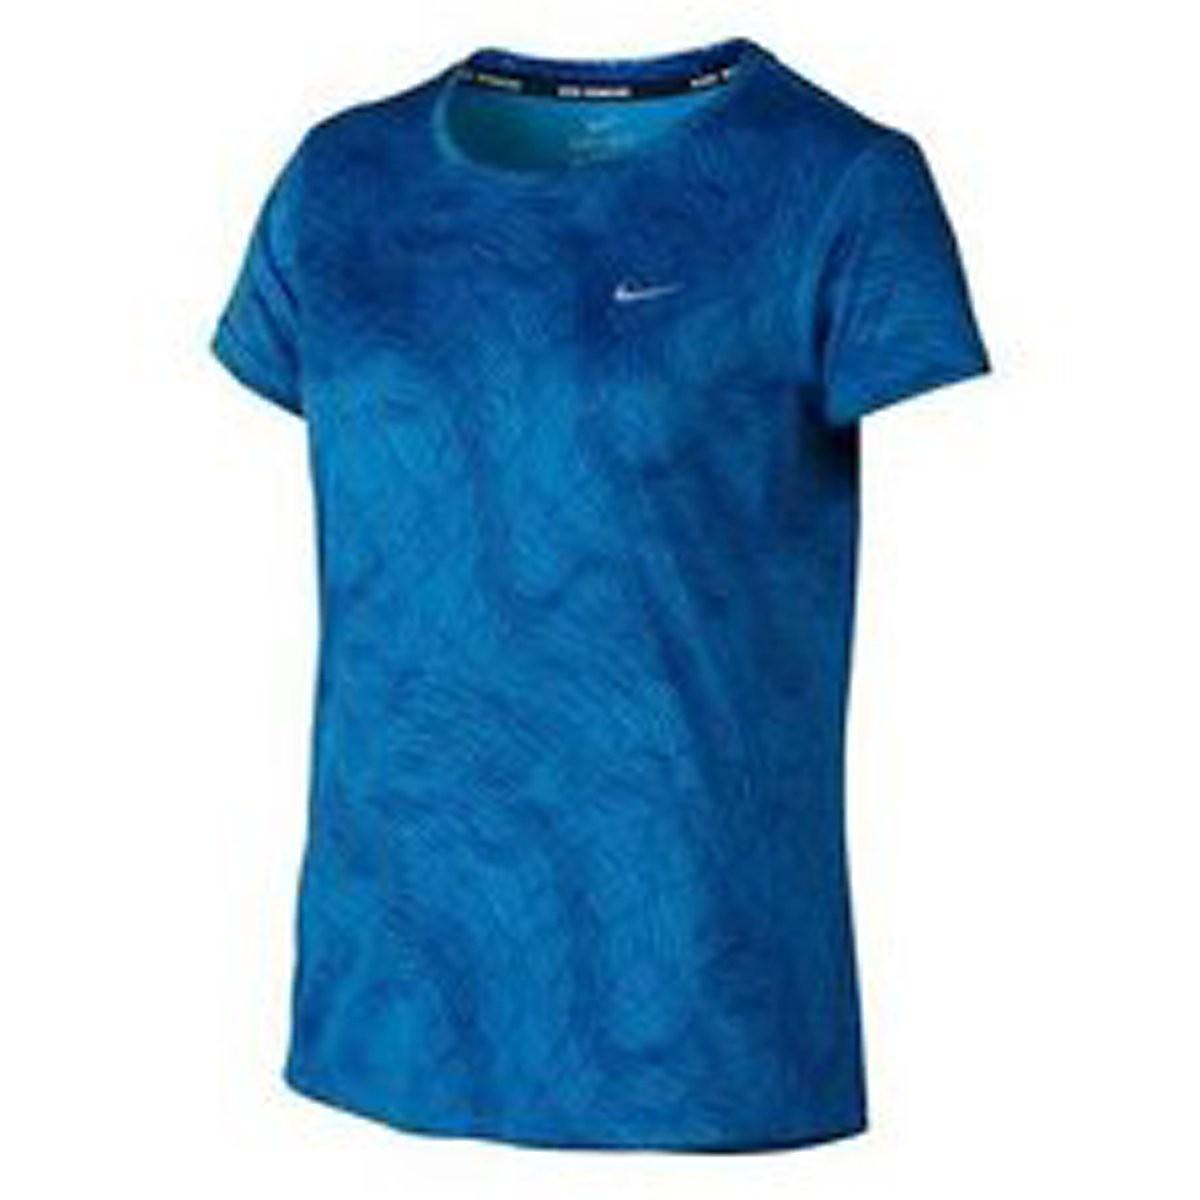 Nike DRY MILER HARDLOOPSHIRT